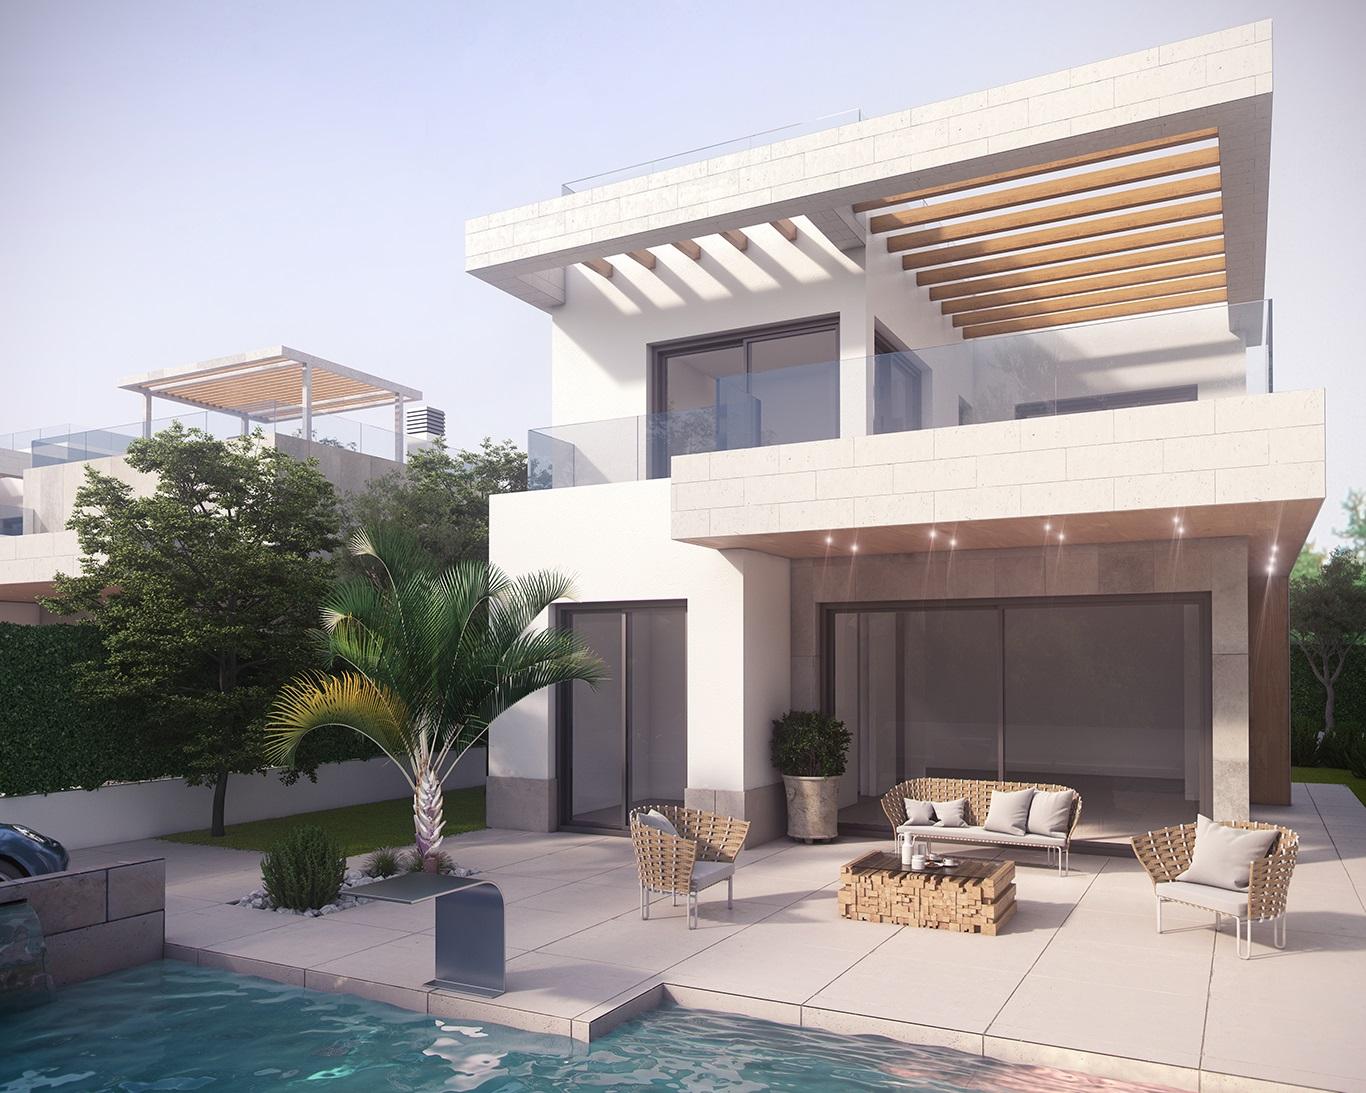 Moderne luxe villa 39 s op goede locatie costa blanca for Moderne luxe villa